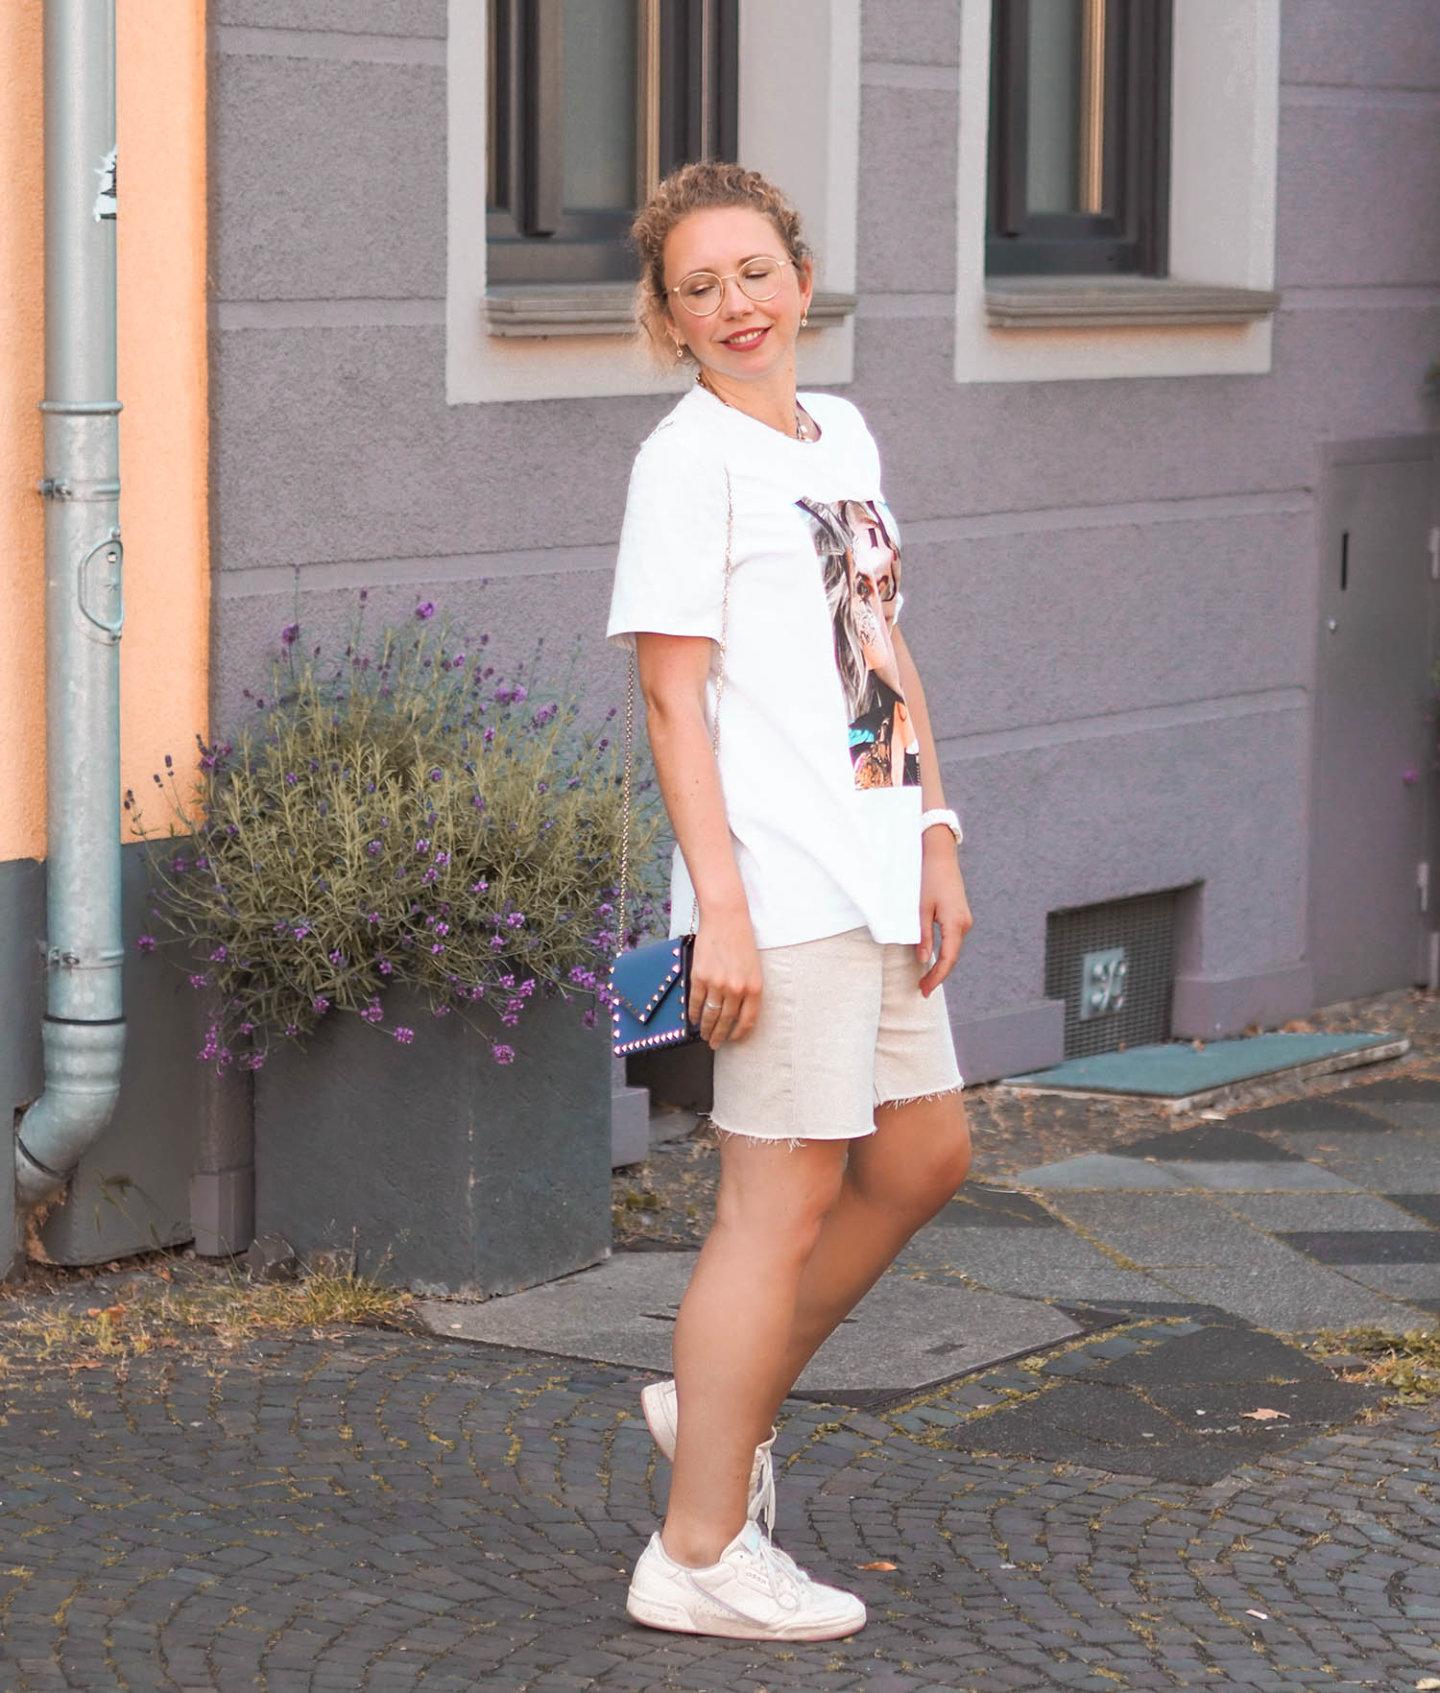 Sommerlicher Streetstyle von Fashionblogger Kationette